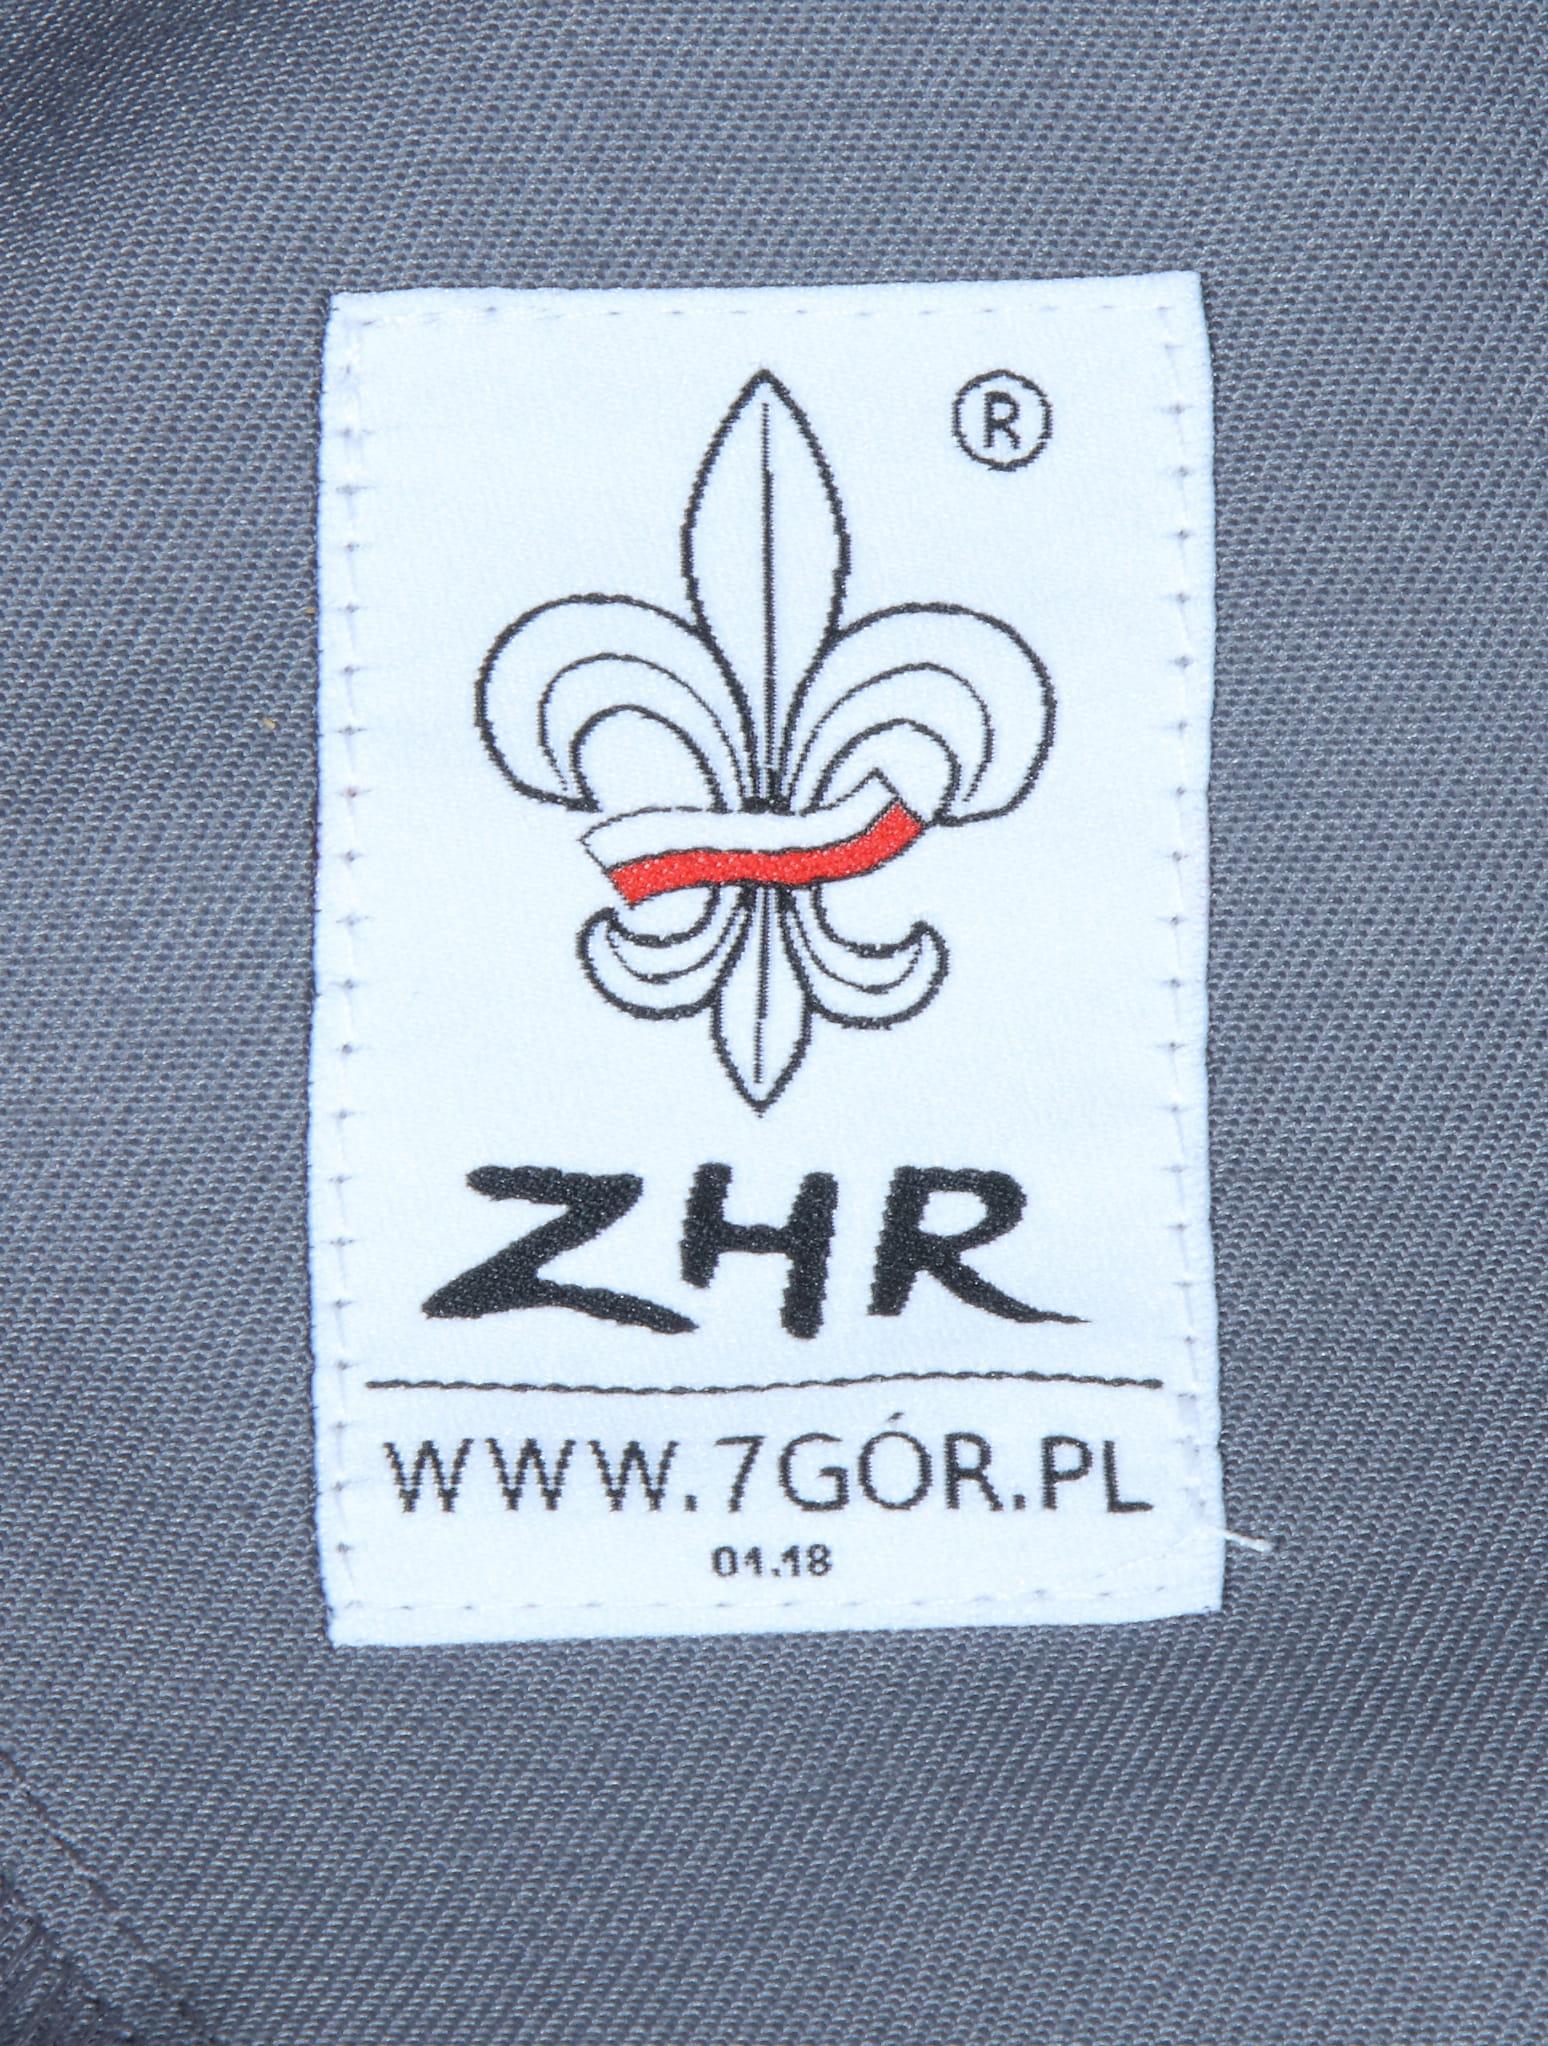 Spódnica damska ZHR według nowego regulaminu Składnica